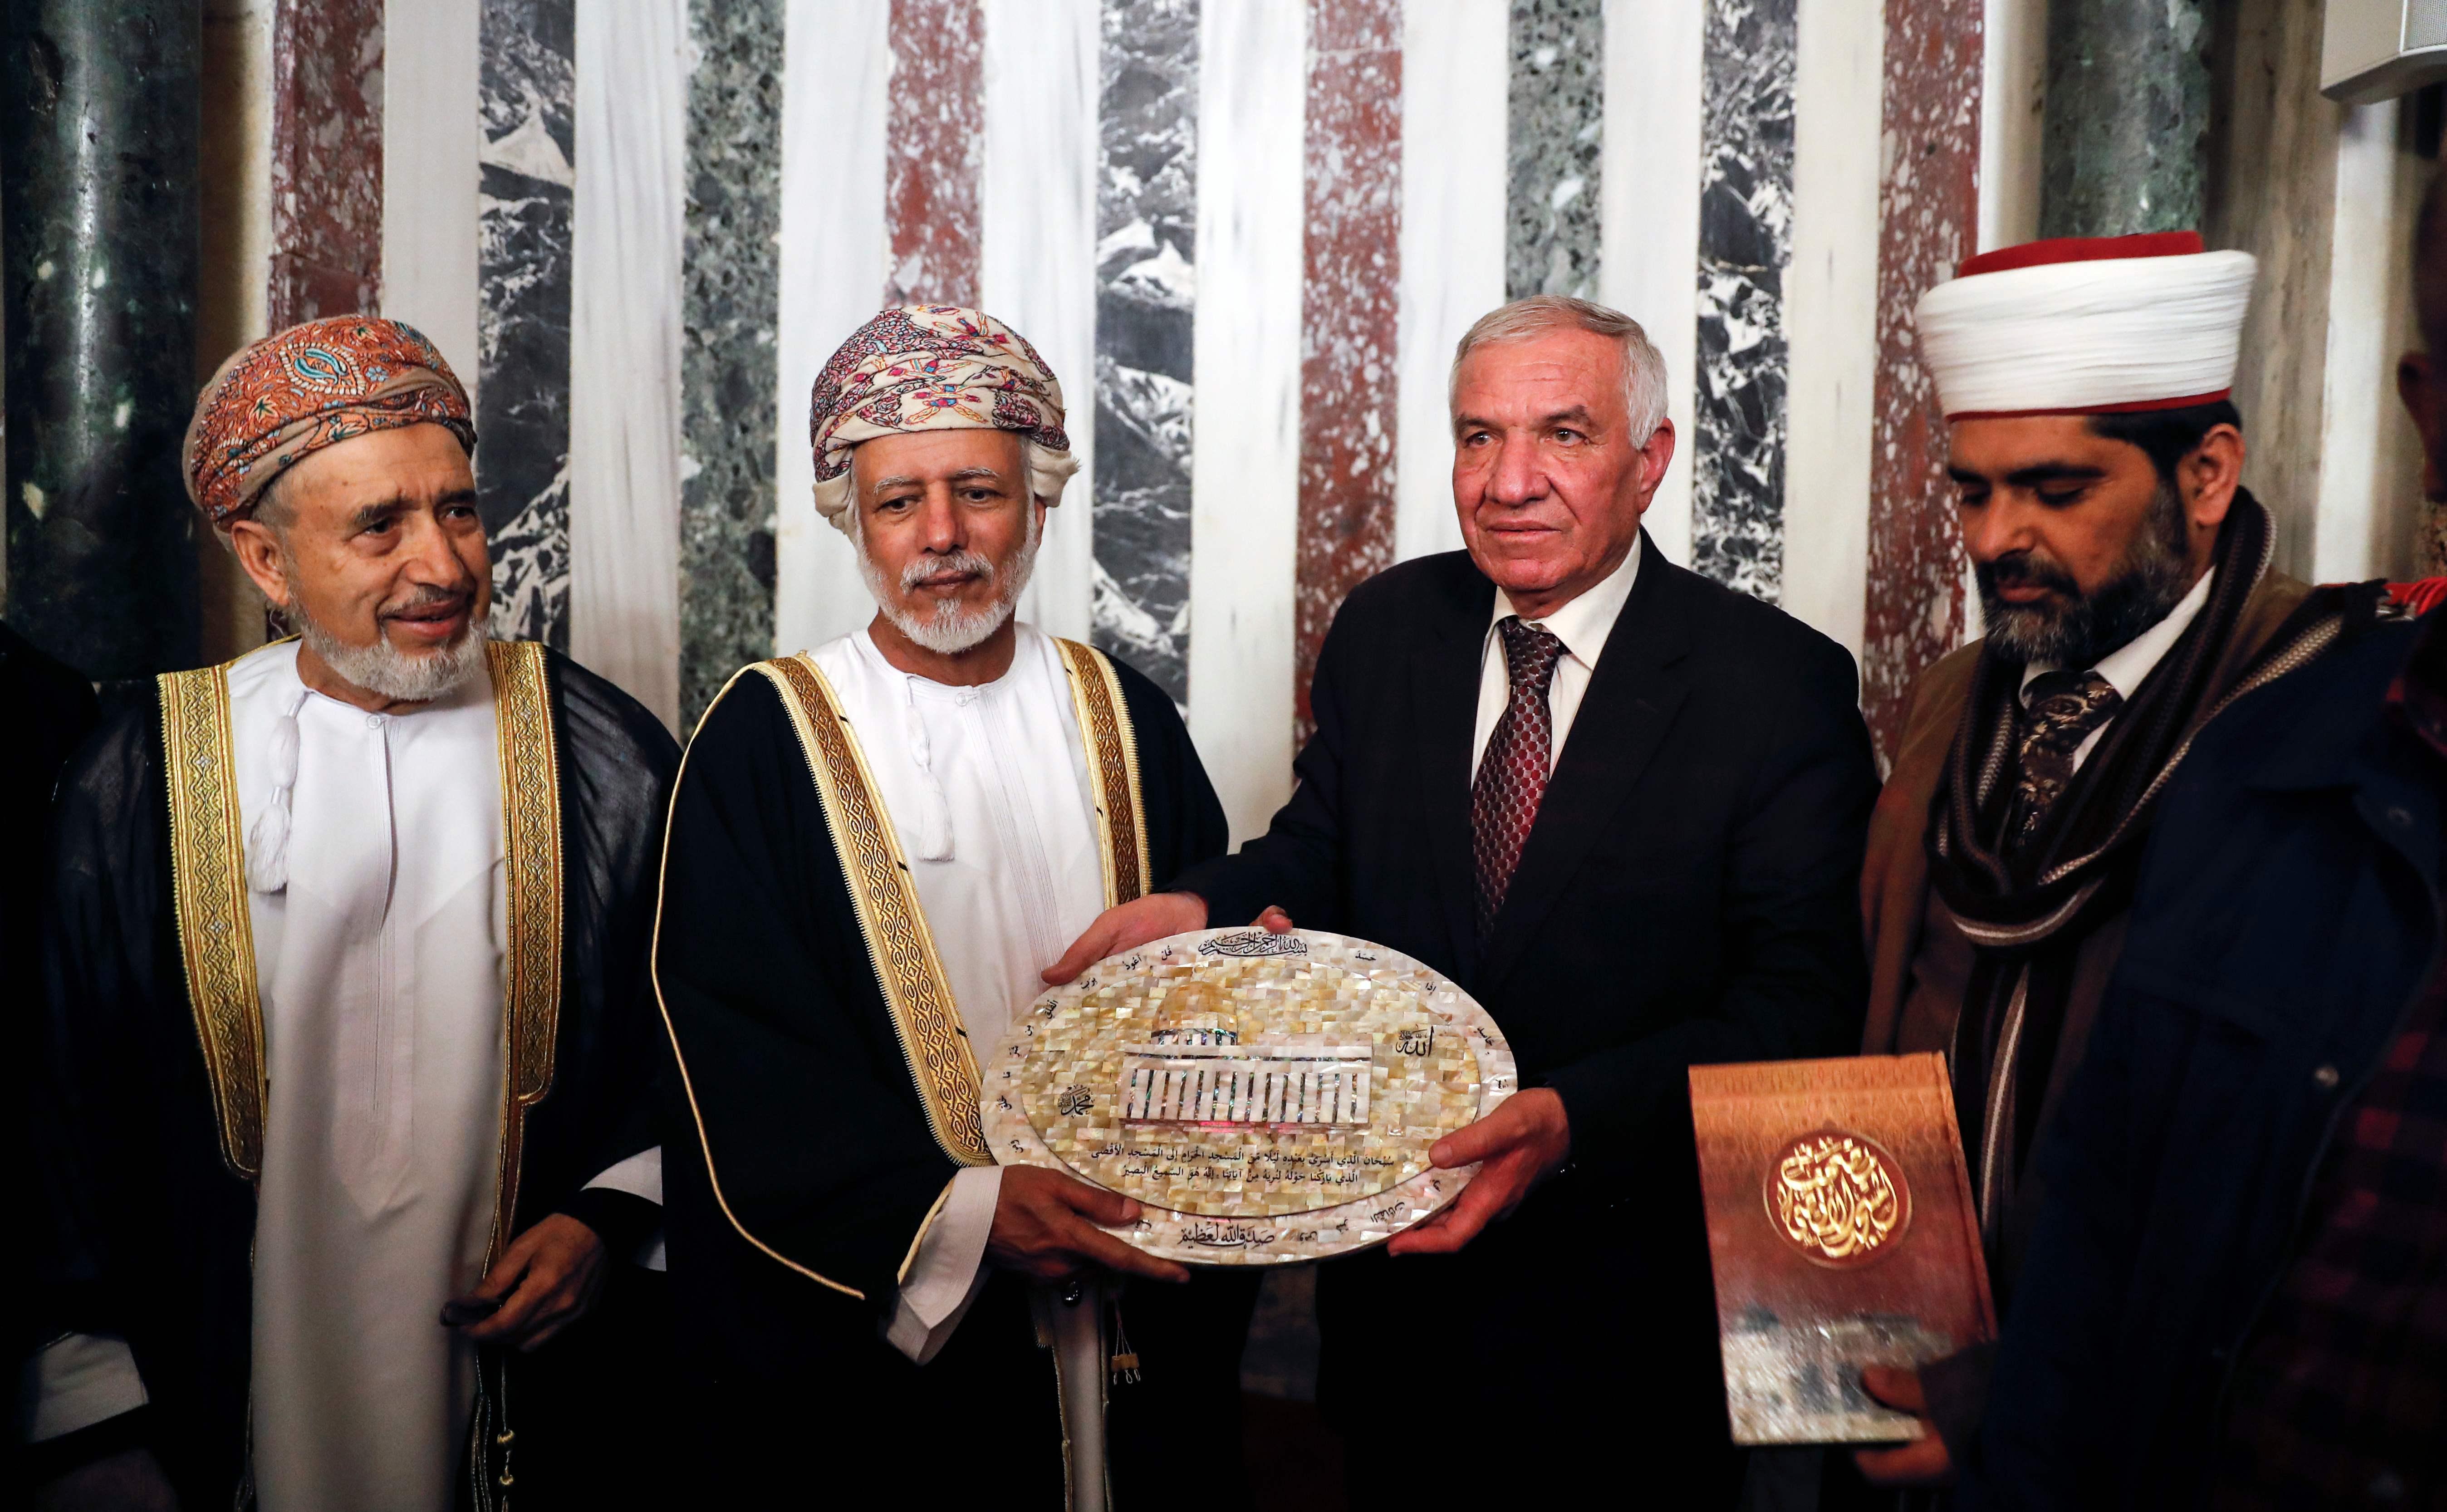 الوزير العماني يحمل لوحة تجسد المسجد الأقصى